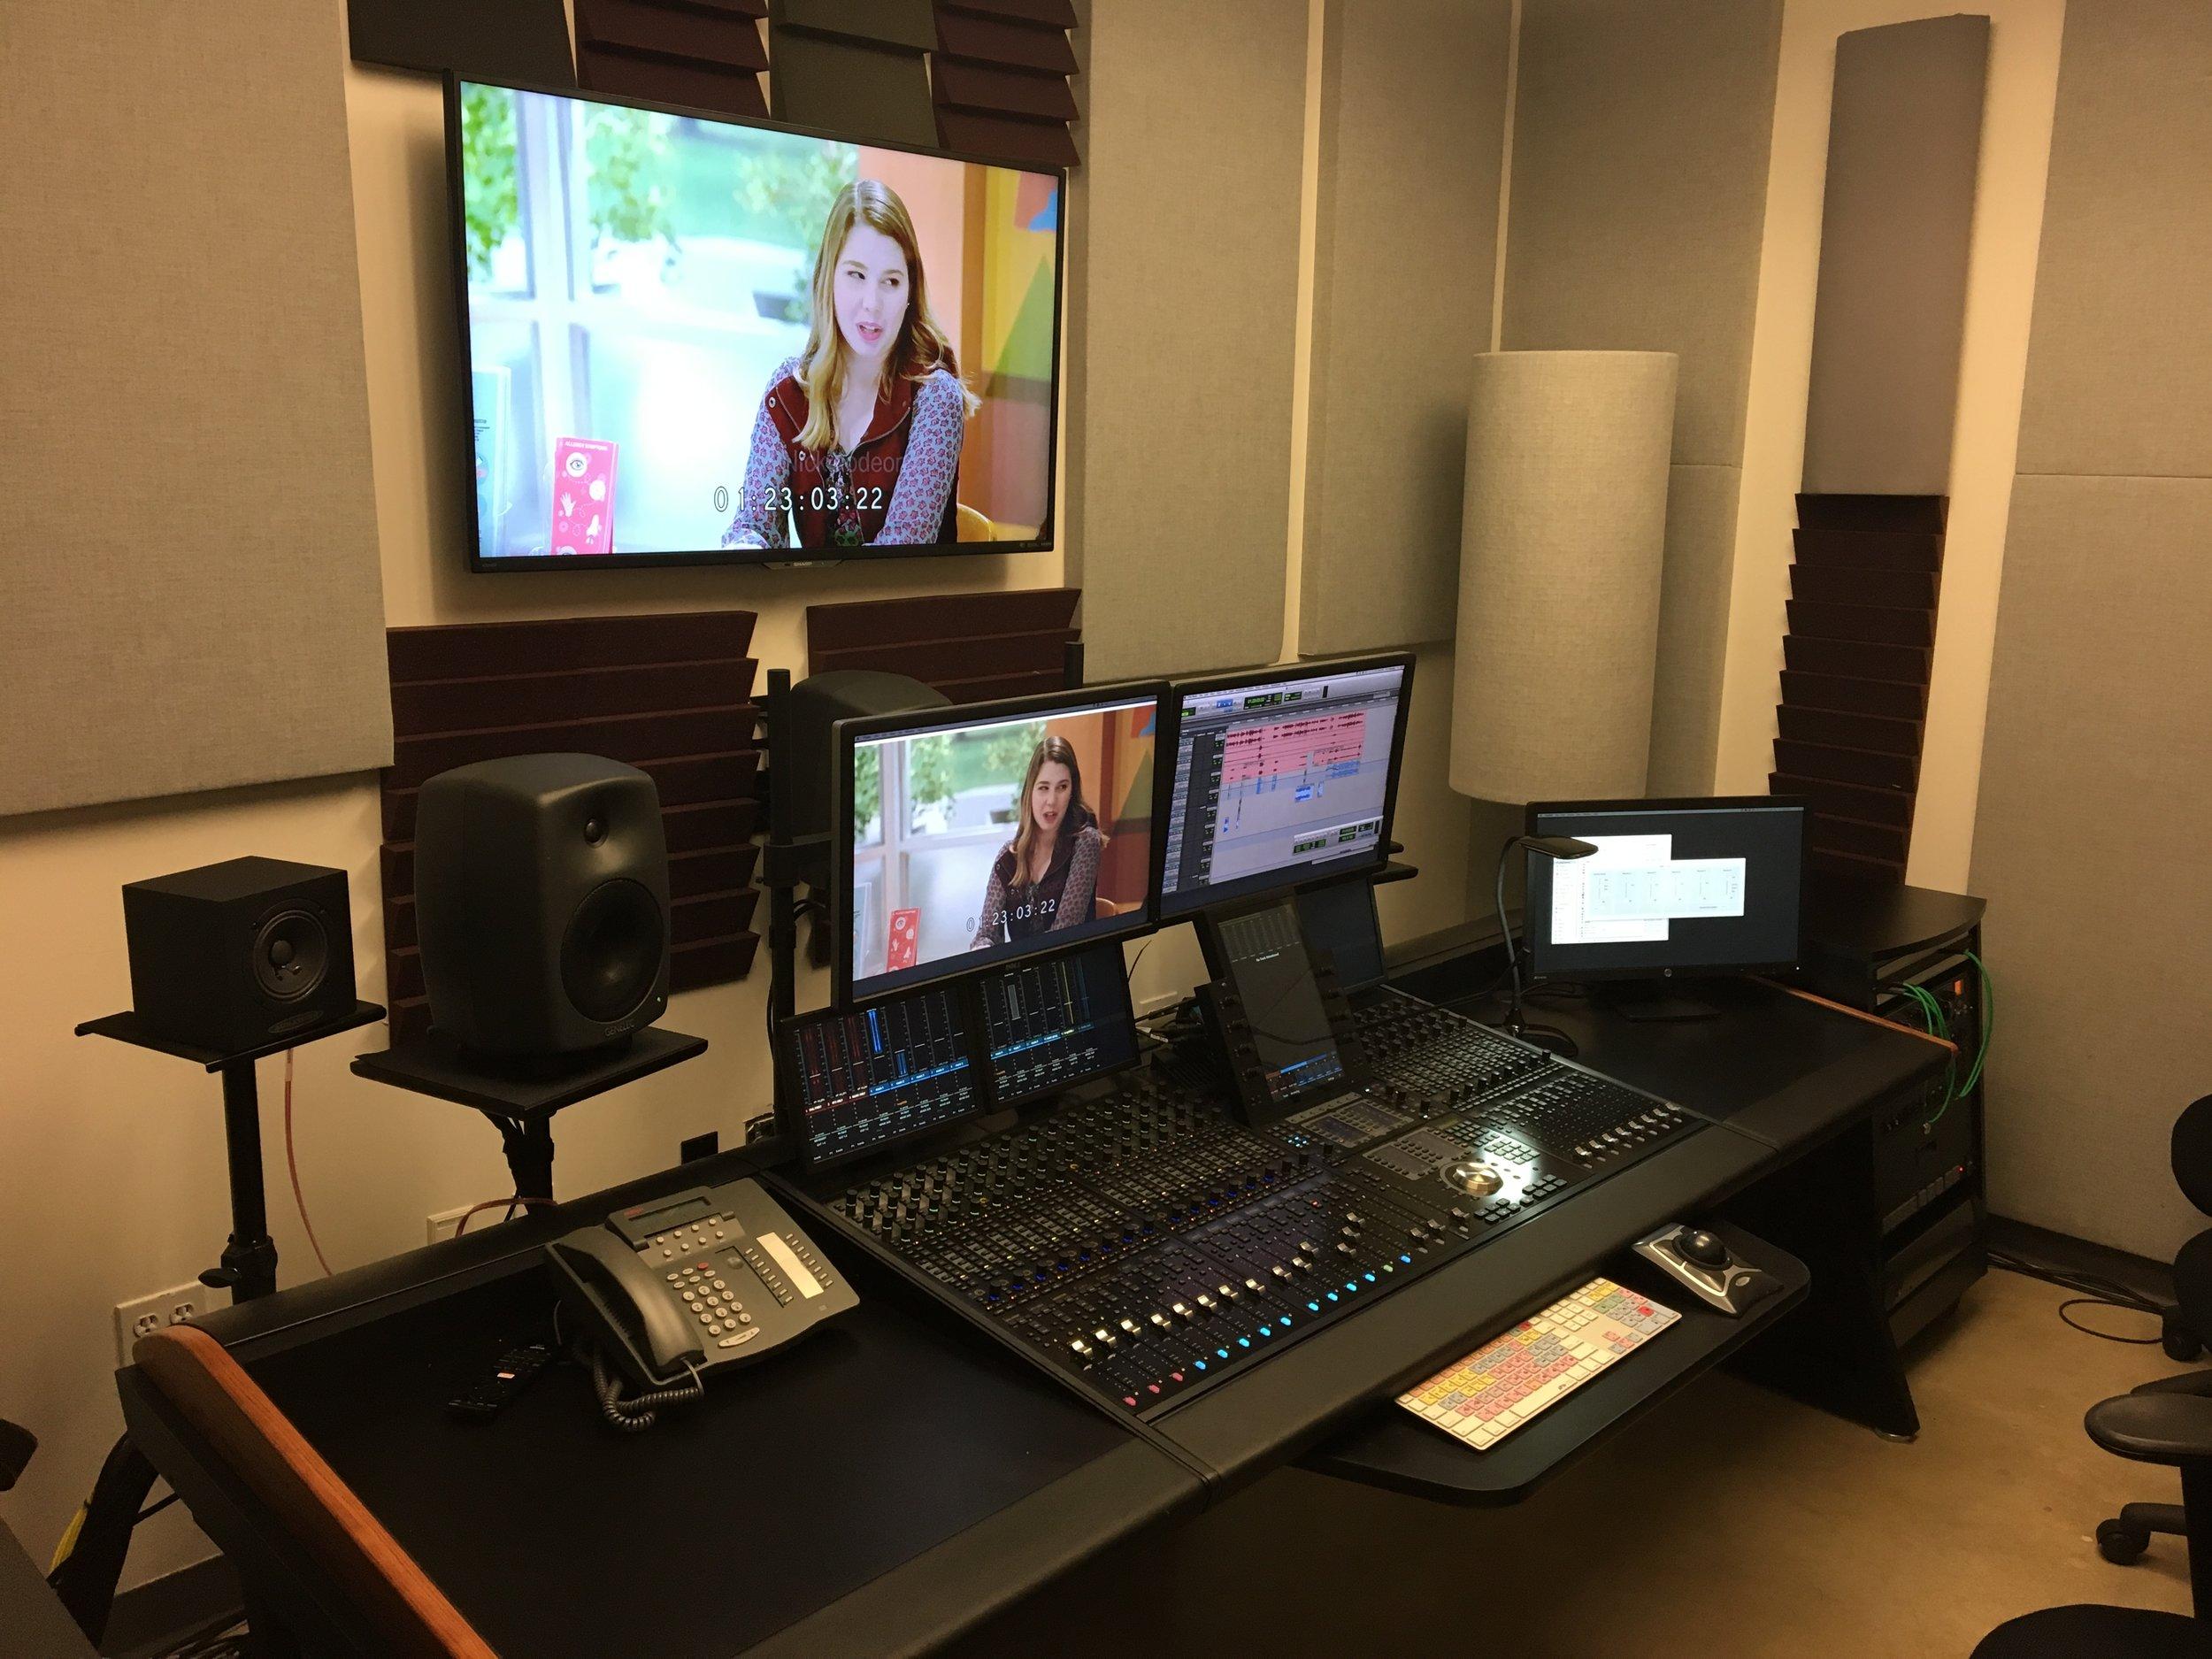 ADR at Viacom studios, Miami